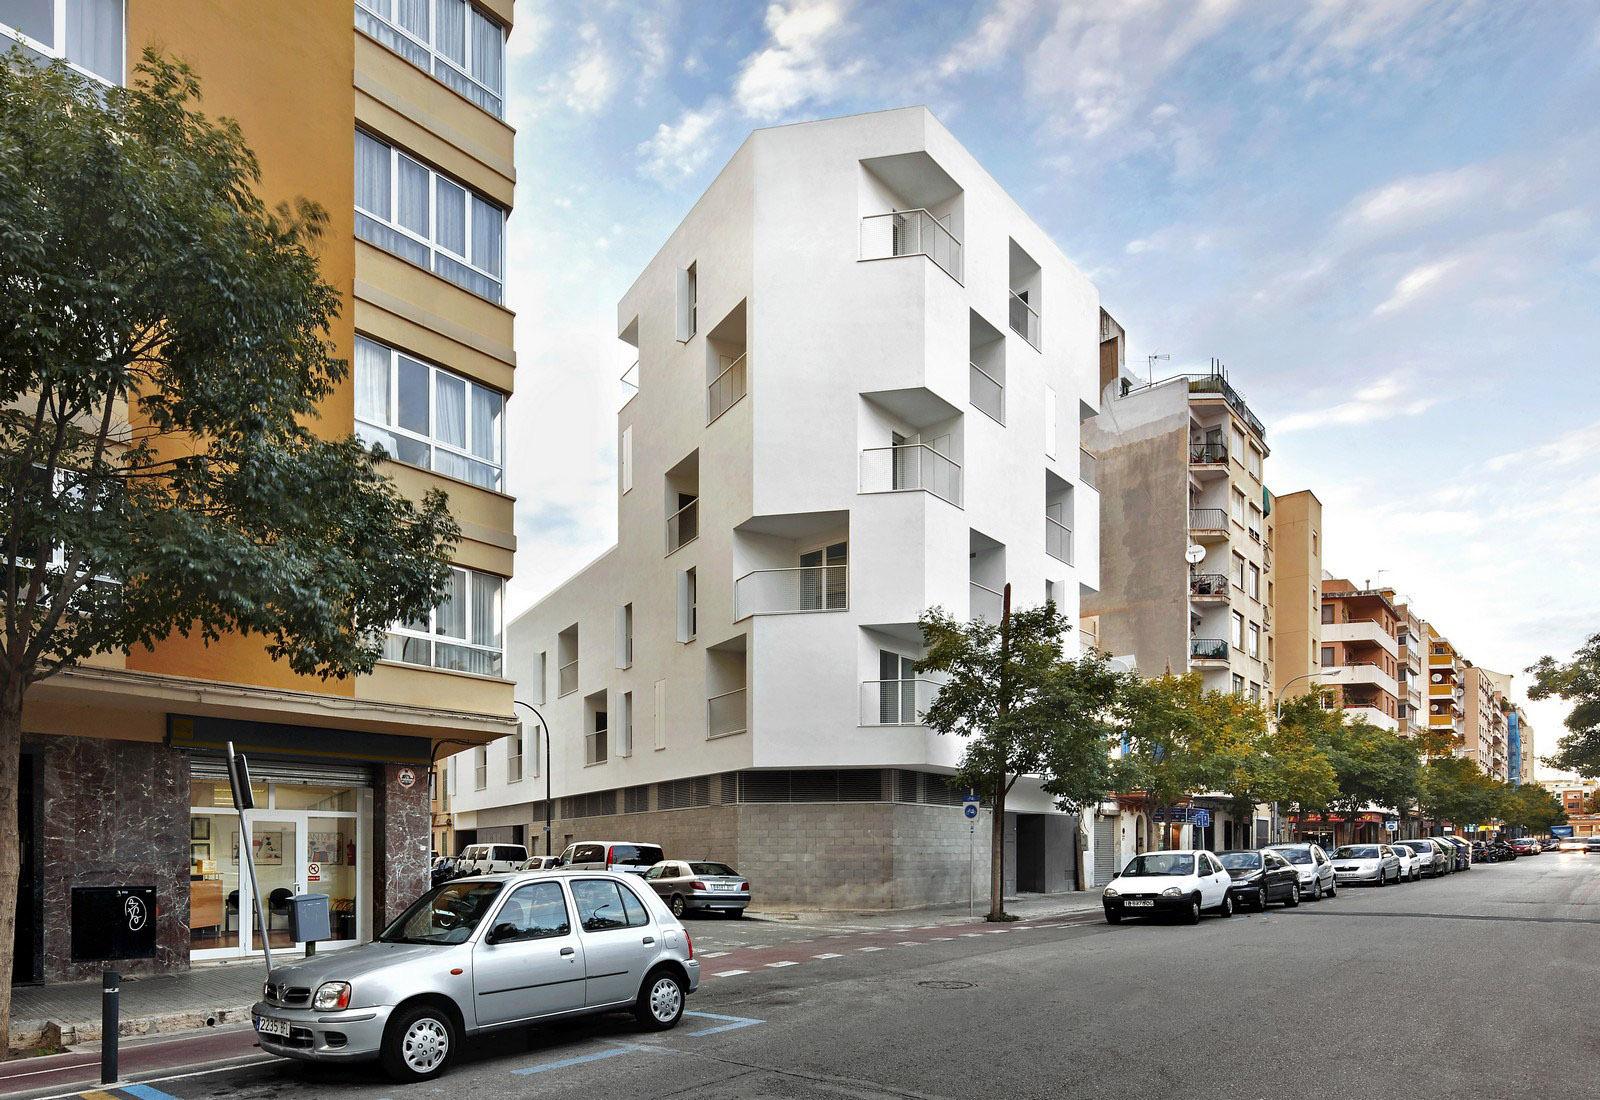 Sociální bydlení v Palma, architekt Ripolltzion, archiv Ripolltizon